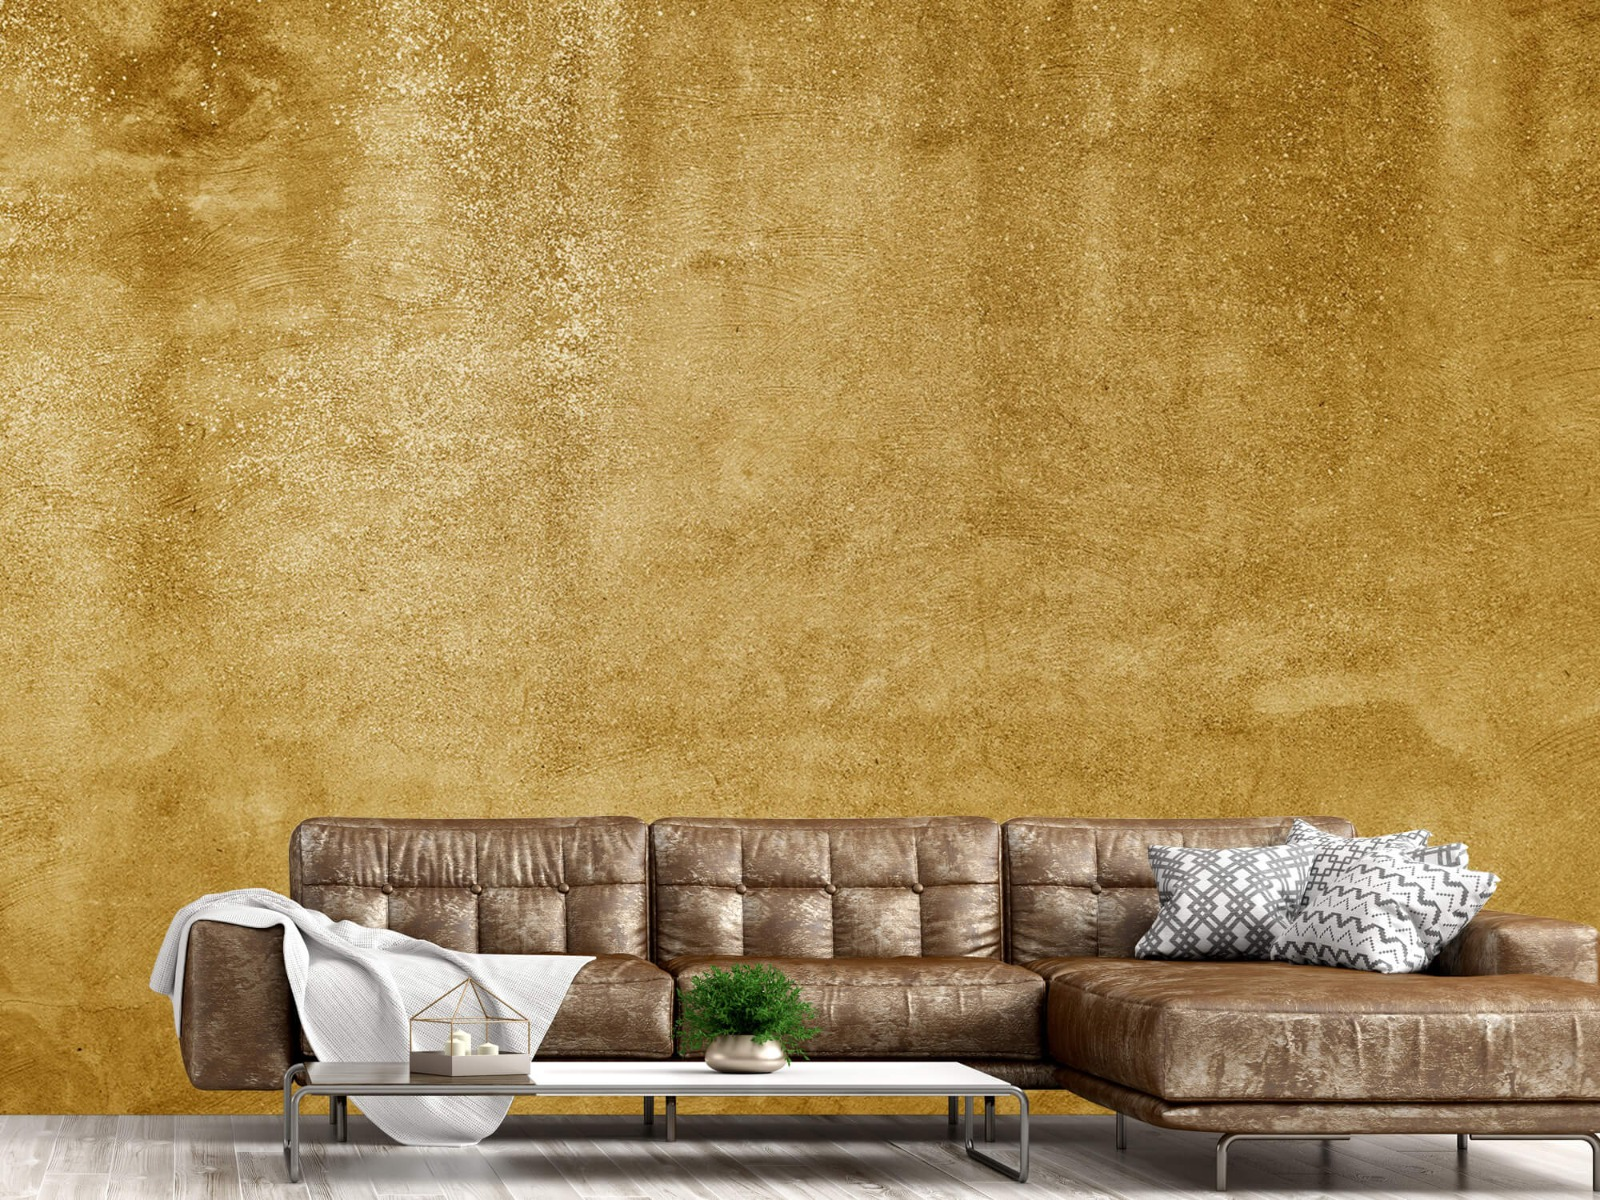 Betonoptik Tapete - Ockerhaltiger gelber Beton auf Fototapete - Wohnzimmer 14